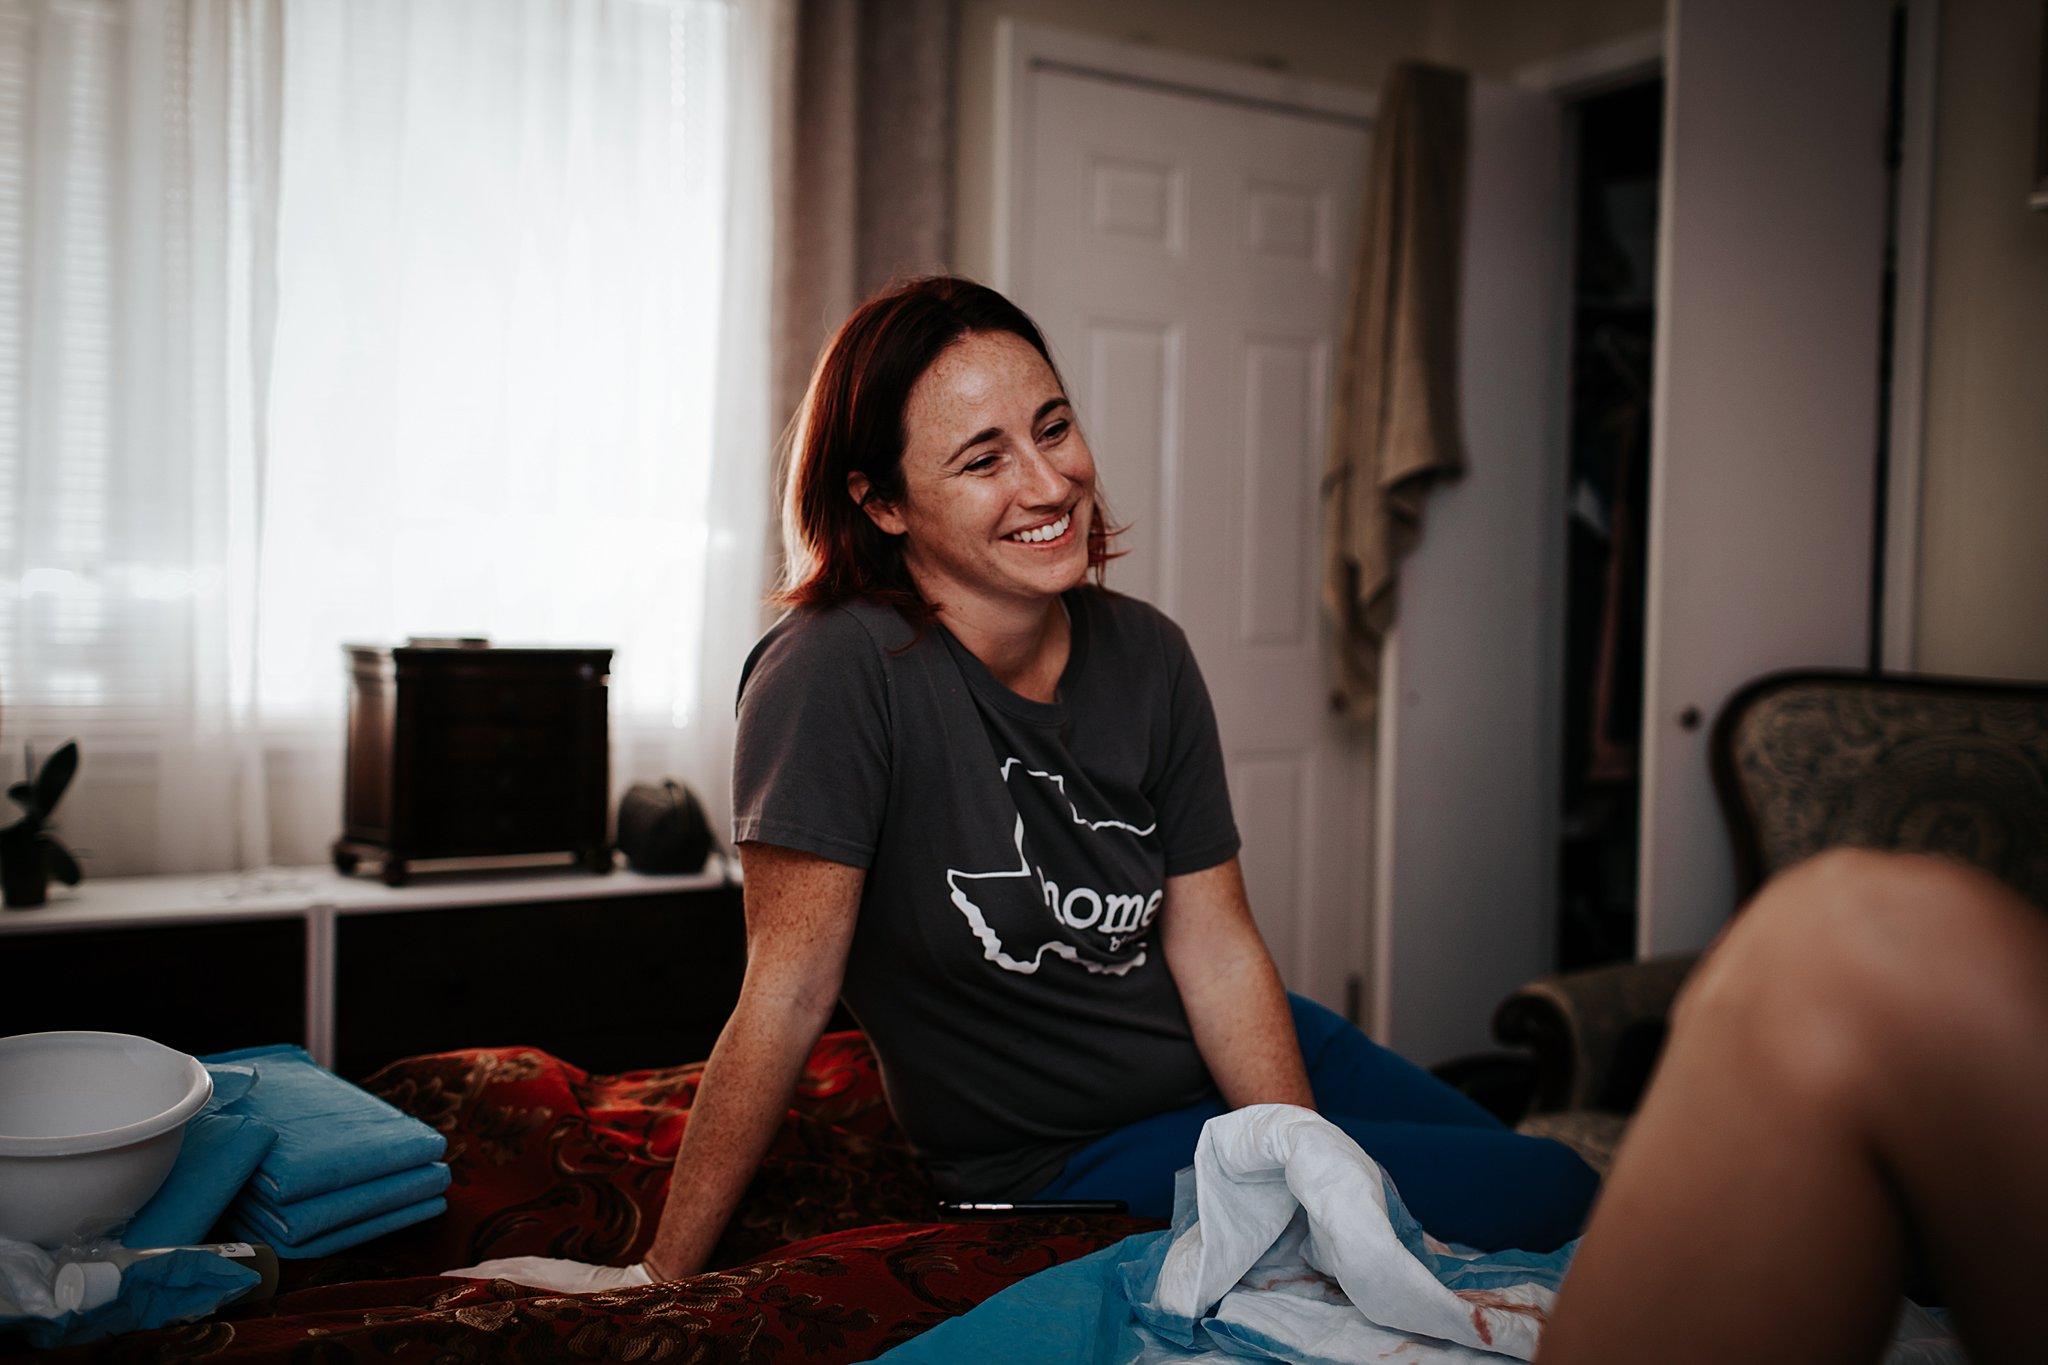 Gemma-San-Antonio-Birth-Photographer-135_WEB.jpg